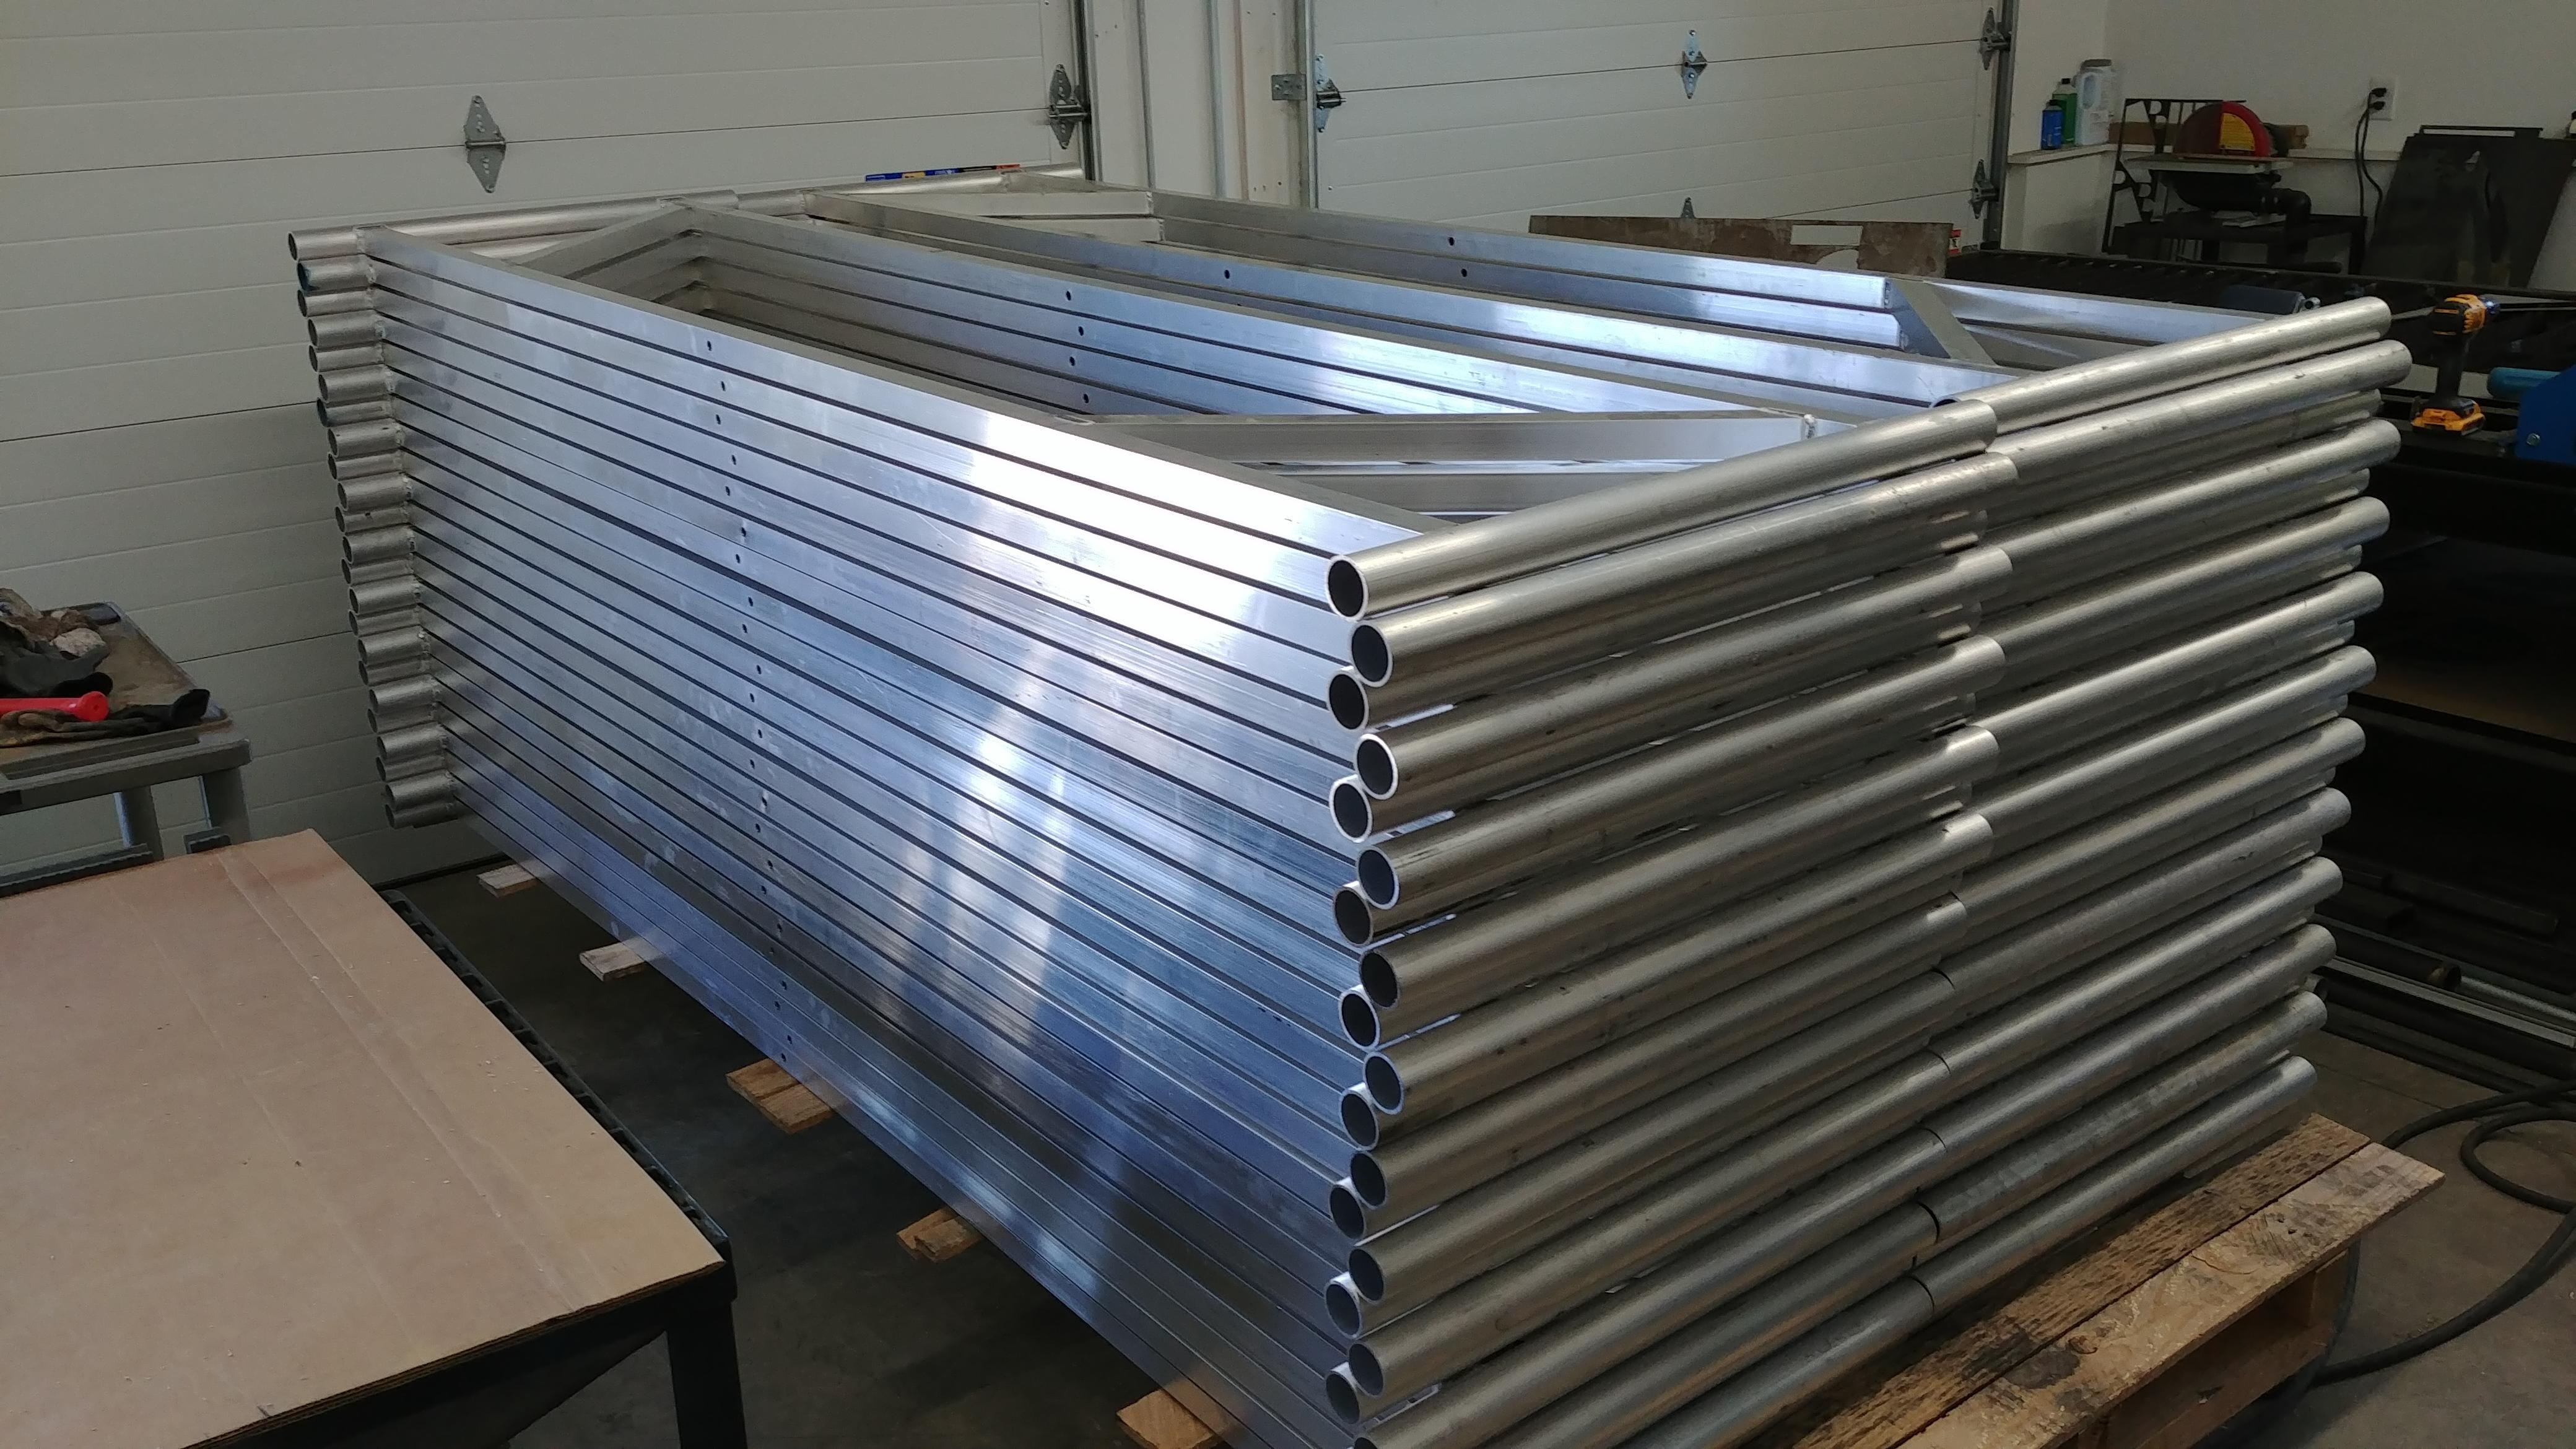 Aluminum support structure